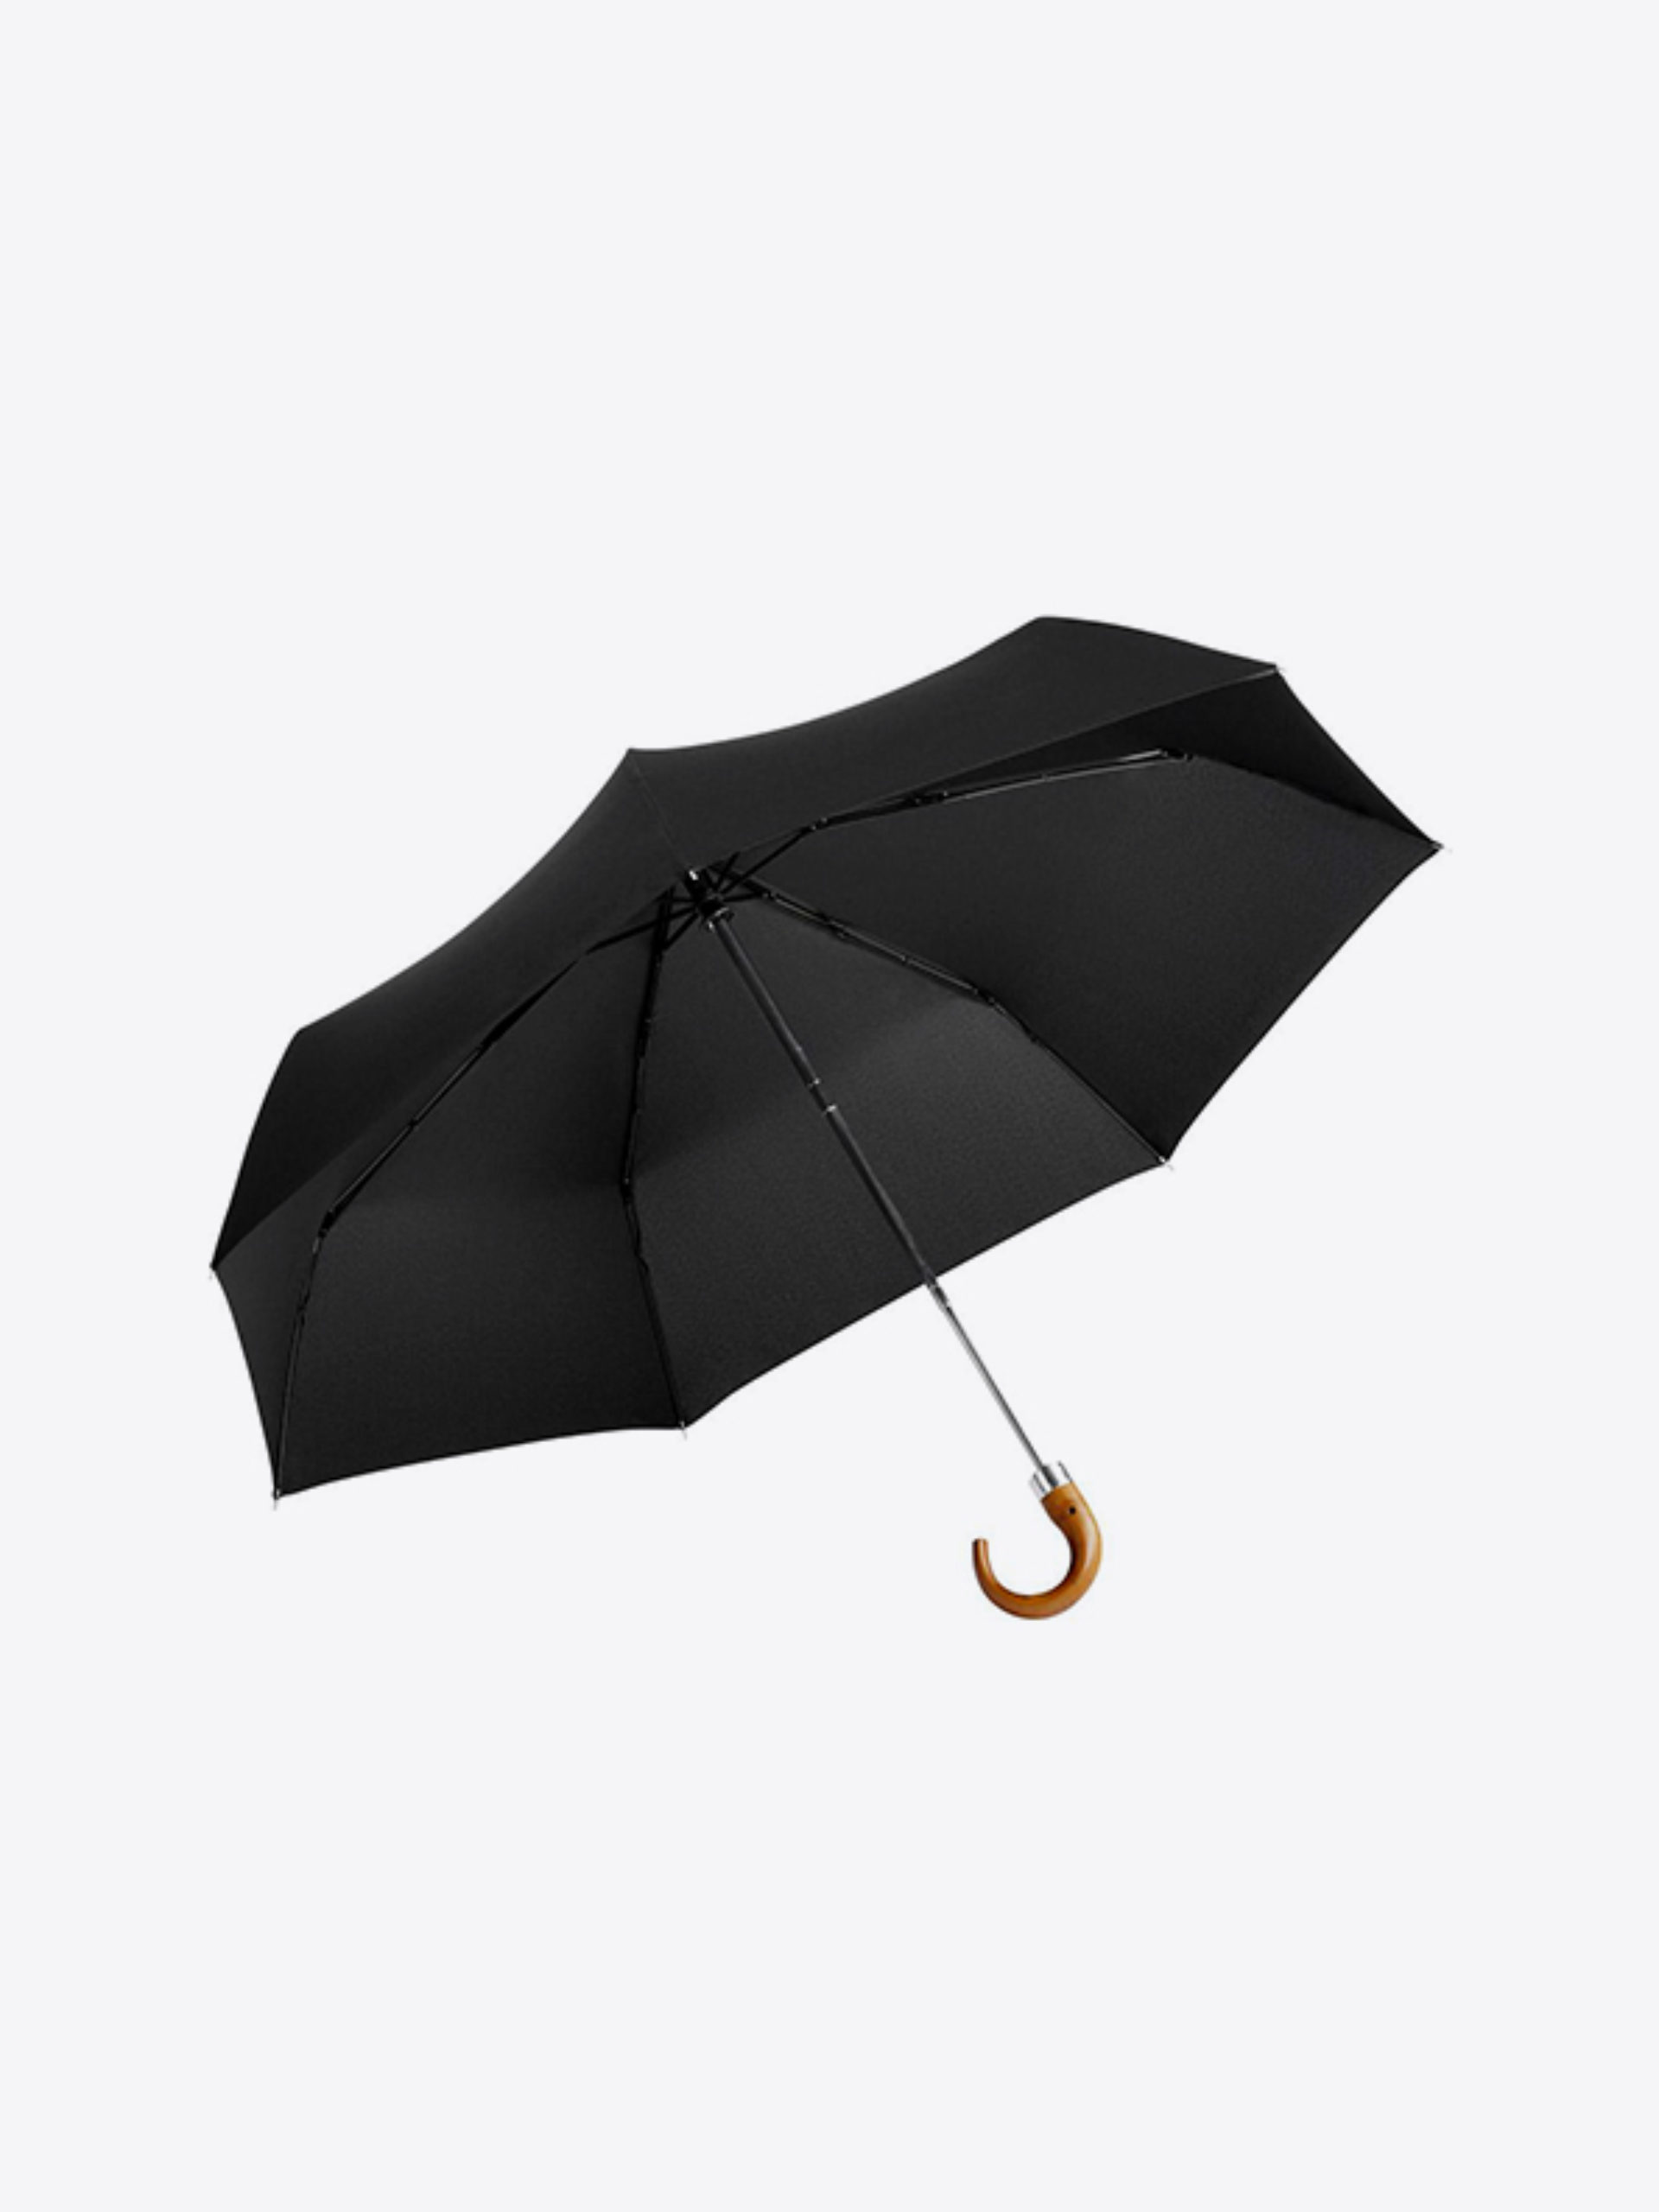 Schirm Mit Holzgriff Bedrucken